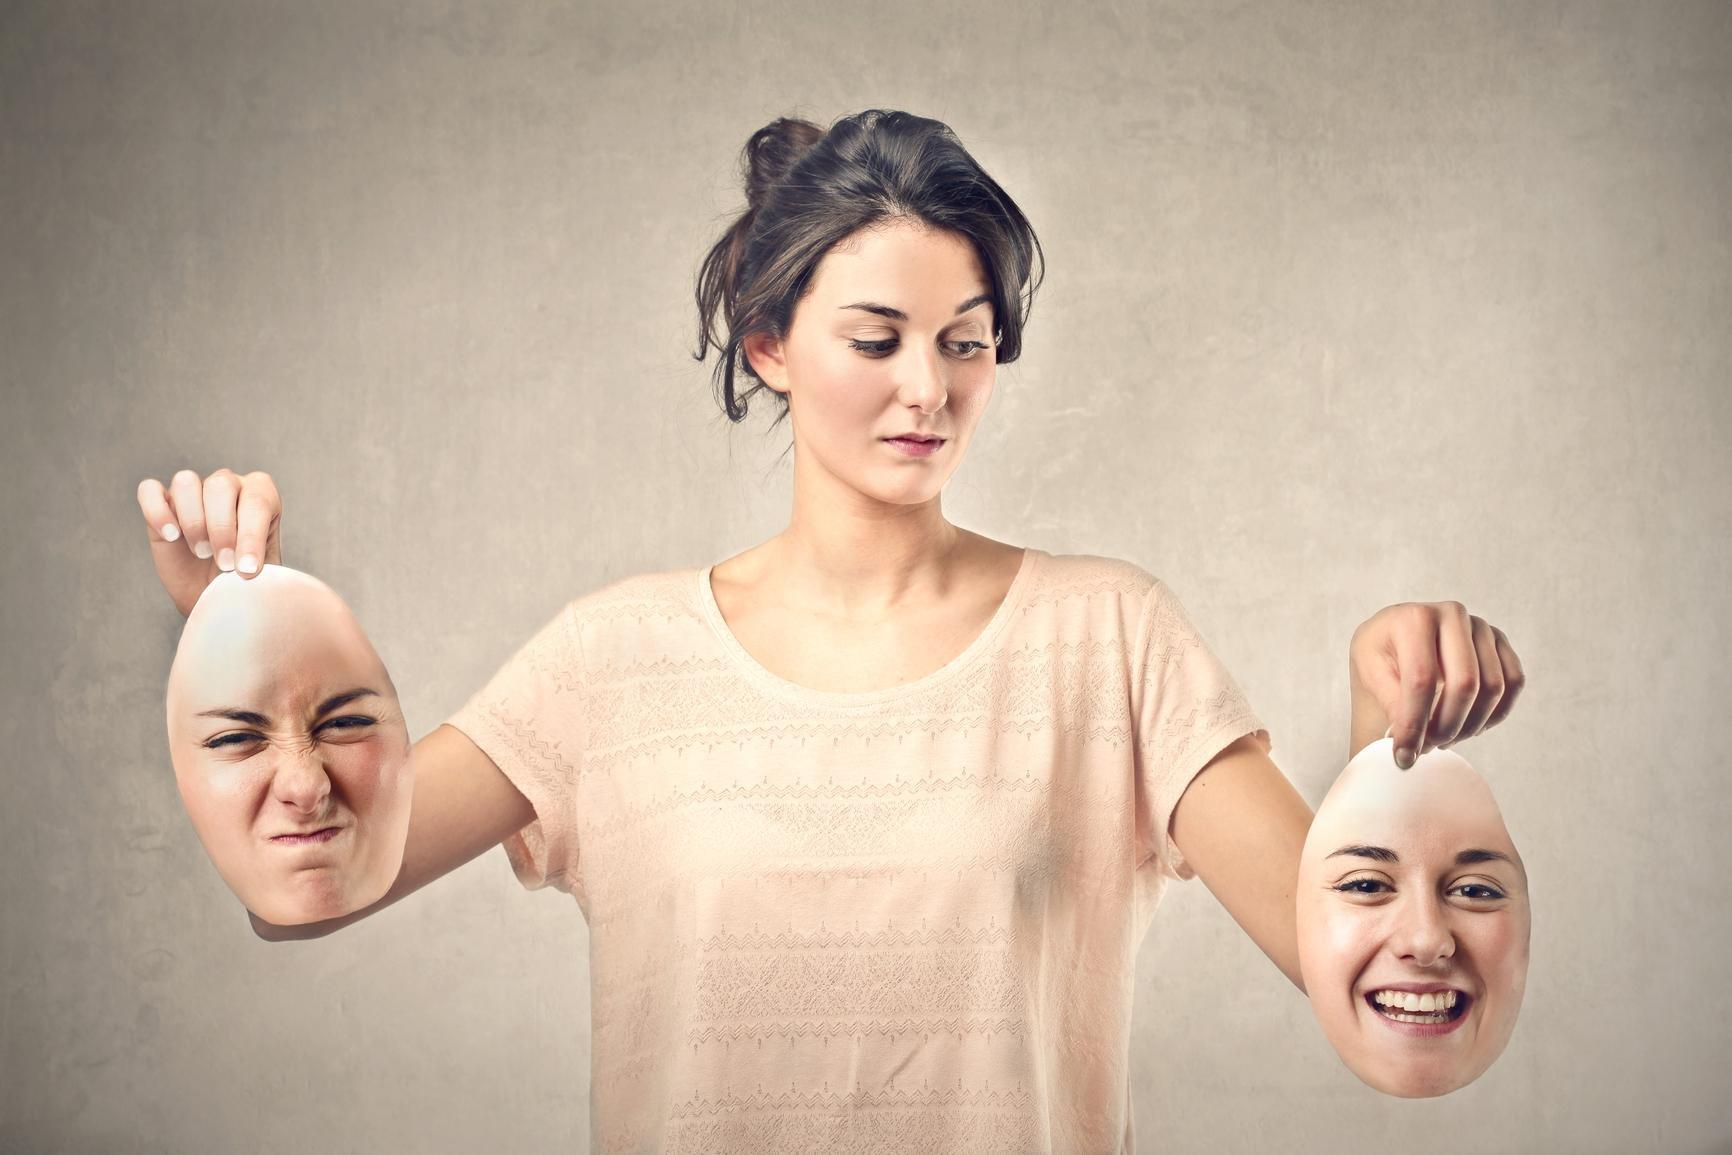 Нудный объект желания. почему девушки так боятся зануд — www.maximonline.ru